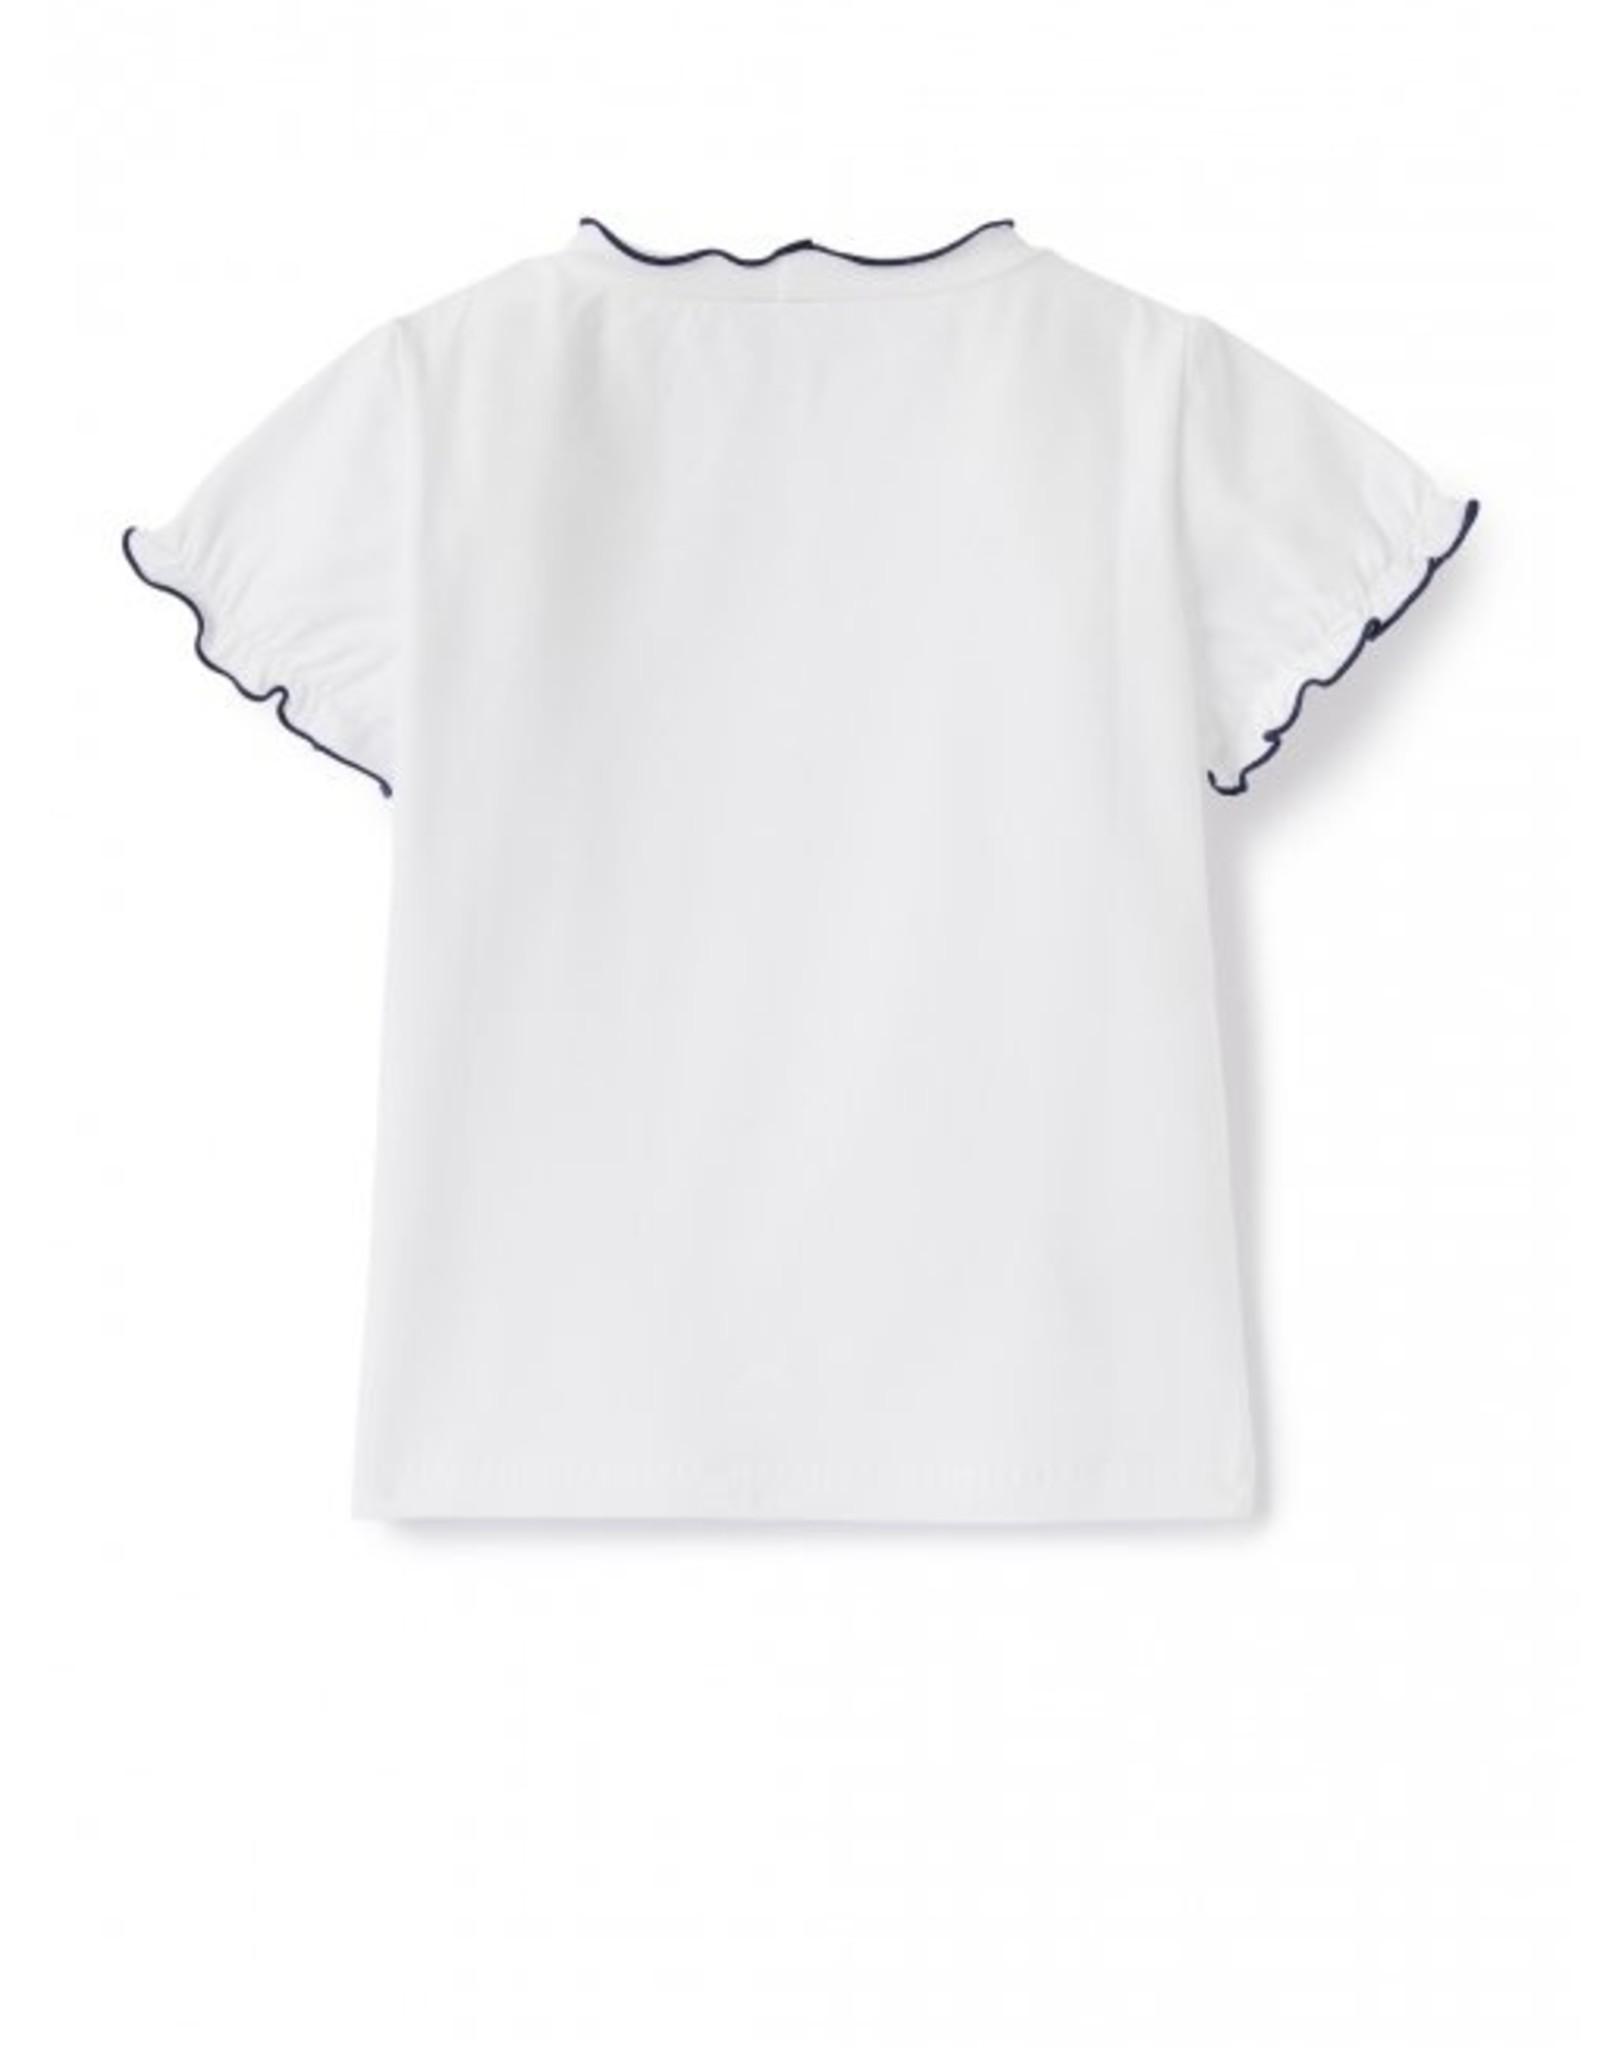 IL GUFO IL GUFO T-shirt wit/blauw